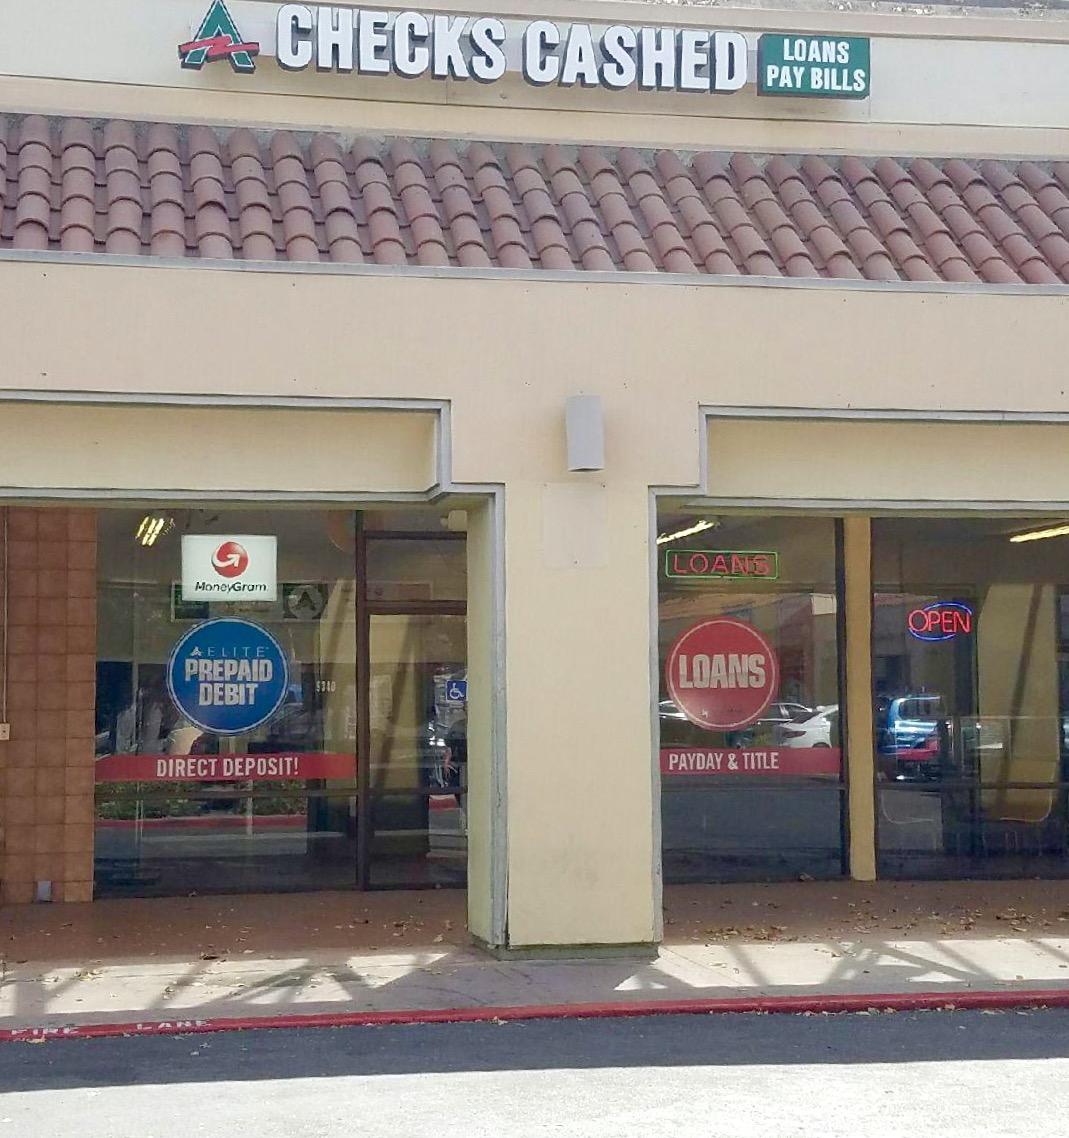 Cash advance loans virginia beach photo 10